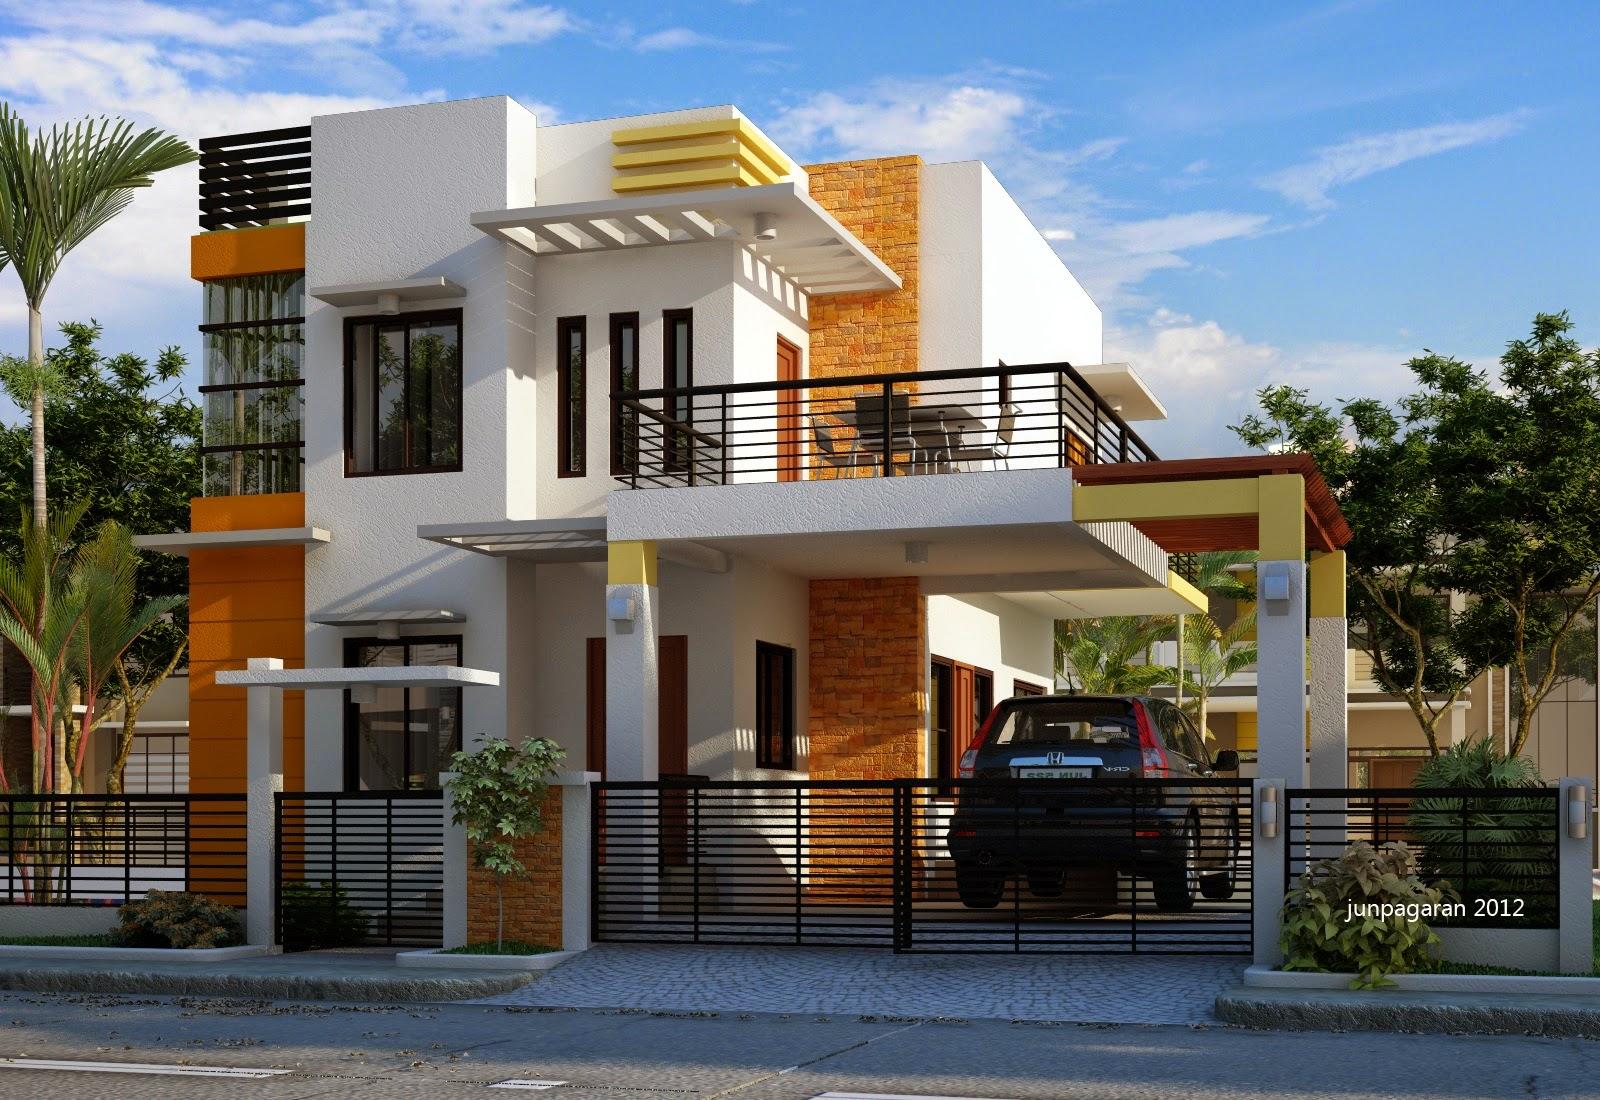 Desain Rumah 2 Lantai Tanah 90 27 Contoh Denah Rumah 2 Lantai